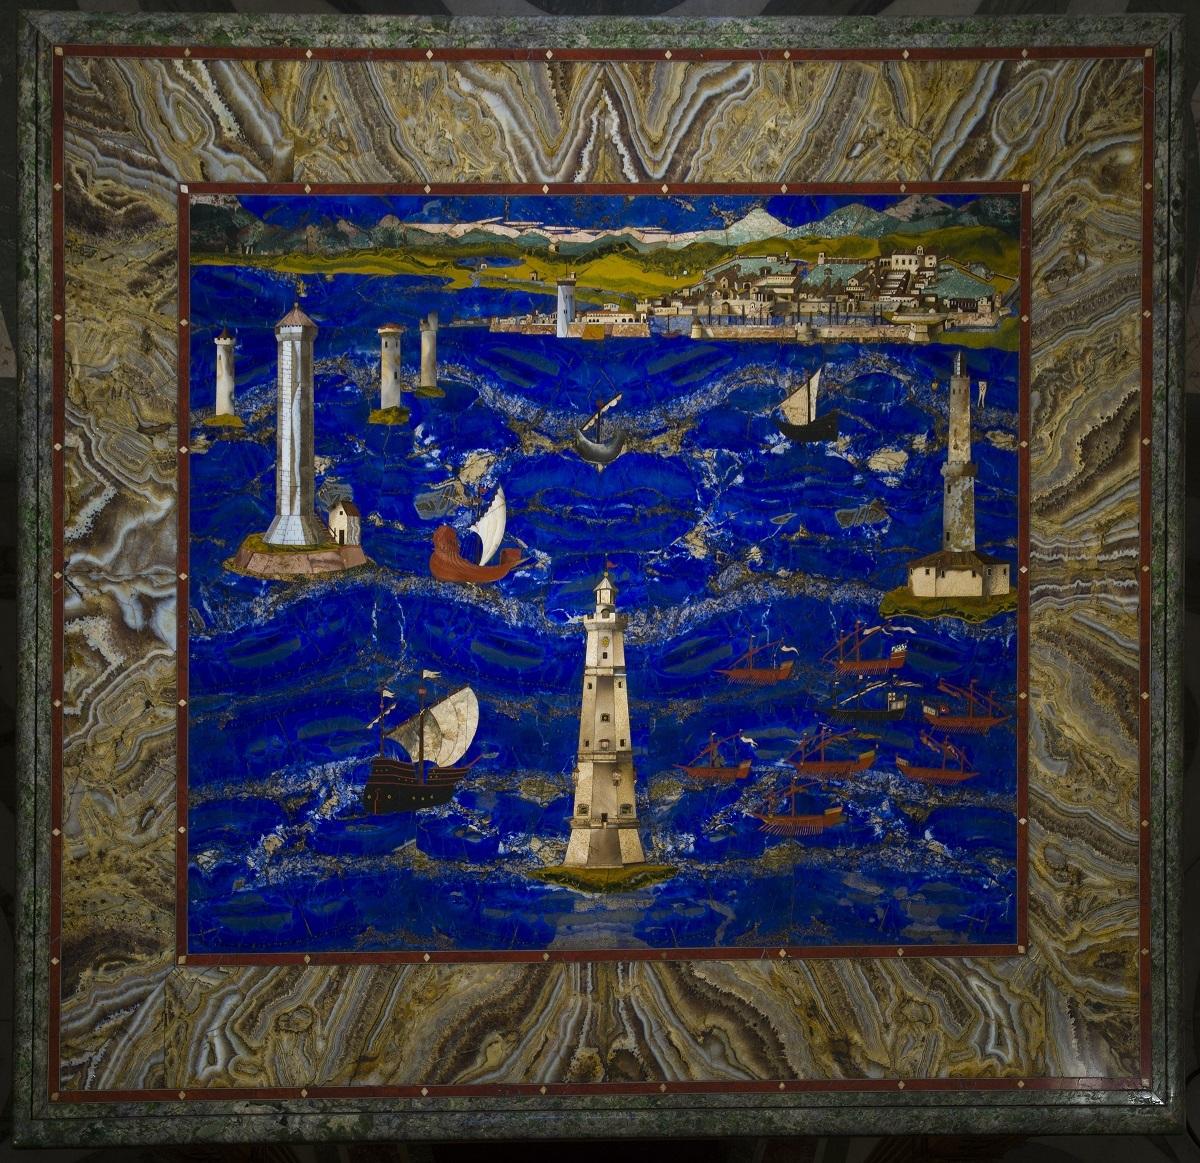 大公の工房、クリストーファノ・ガッフーリ(ヤコポ・リゴッツィの作品に基づく)《リヴォルノ港の景観》 1601-04年 ウフィツィ美術館 © Gabinetto Fotografico delle Gallerie degli Uffizi